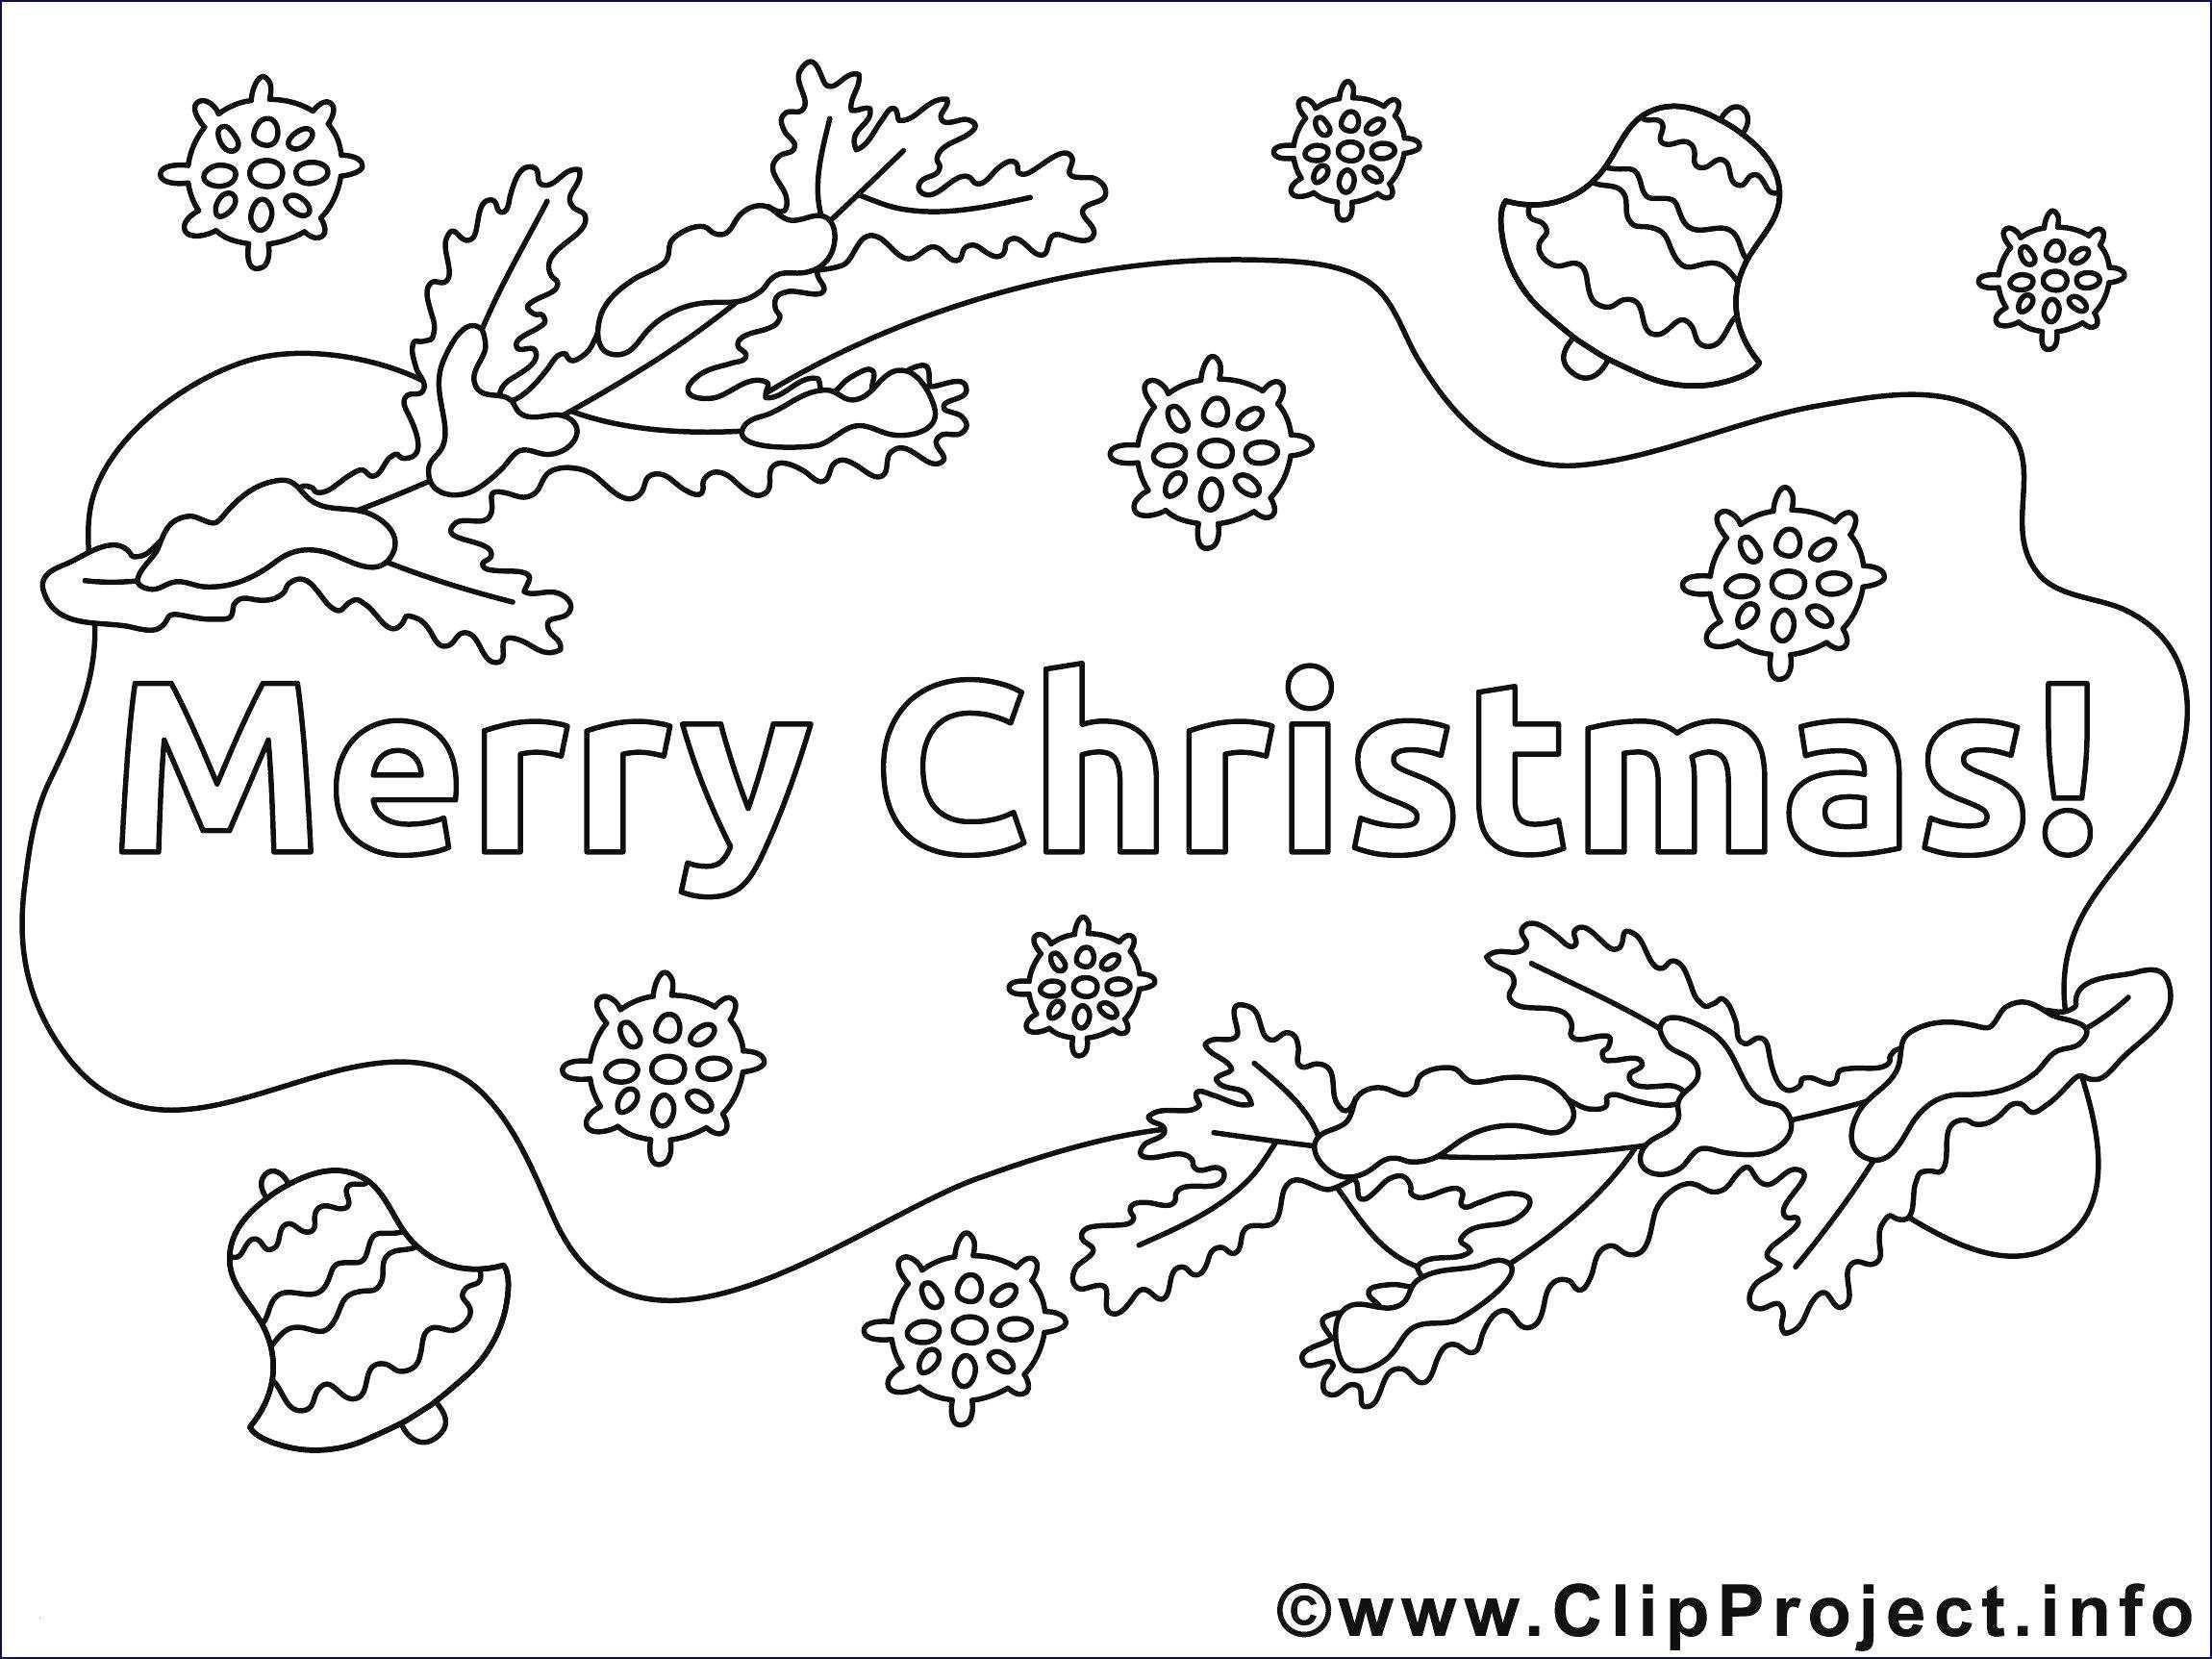 Ausmalbilder Weihnachten Erwachsene Neu Ausmalbilder Für Erwachsene Zum Ausdrucken Landschaft Bilder